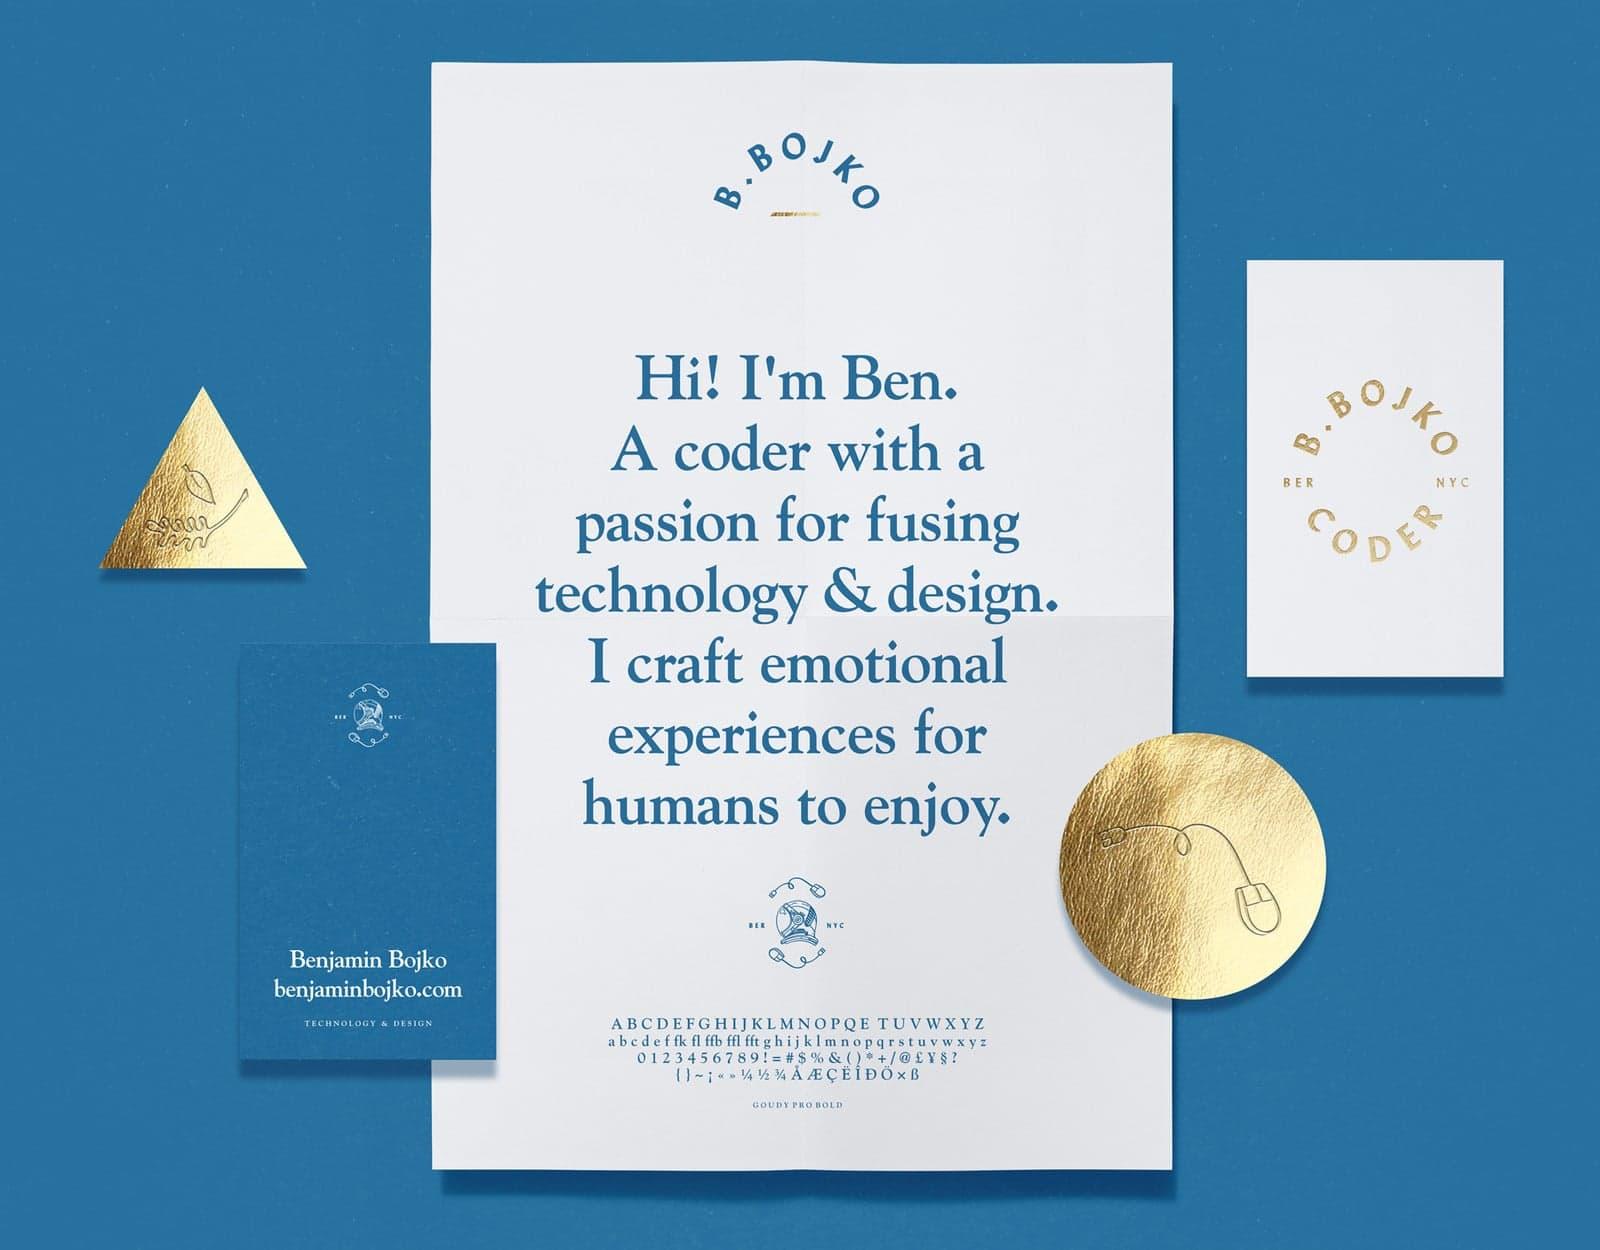 Brand-Identity-Design-Benjamin-Bojko